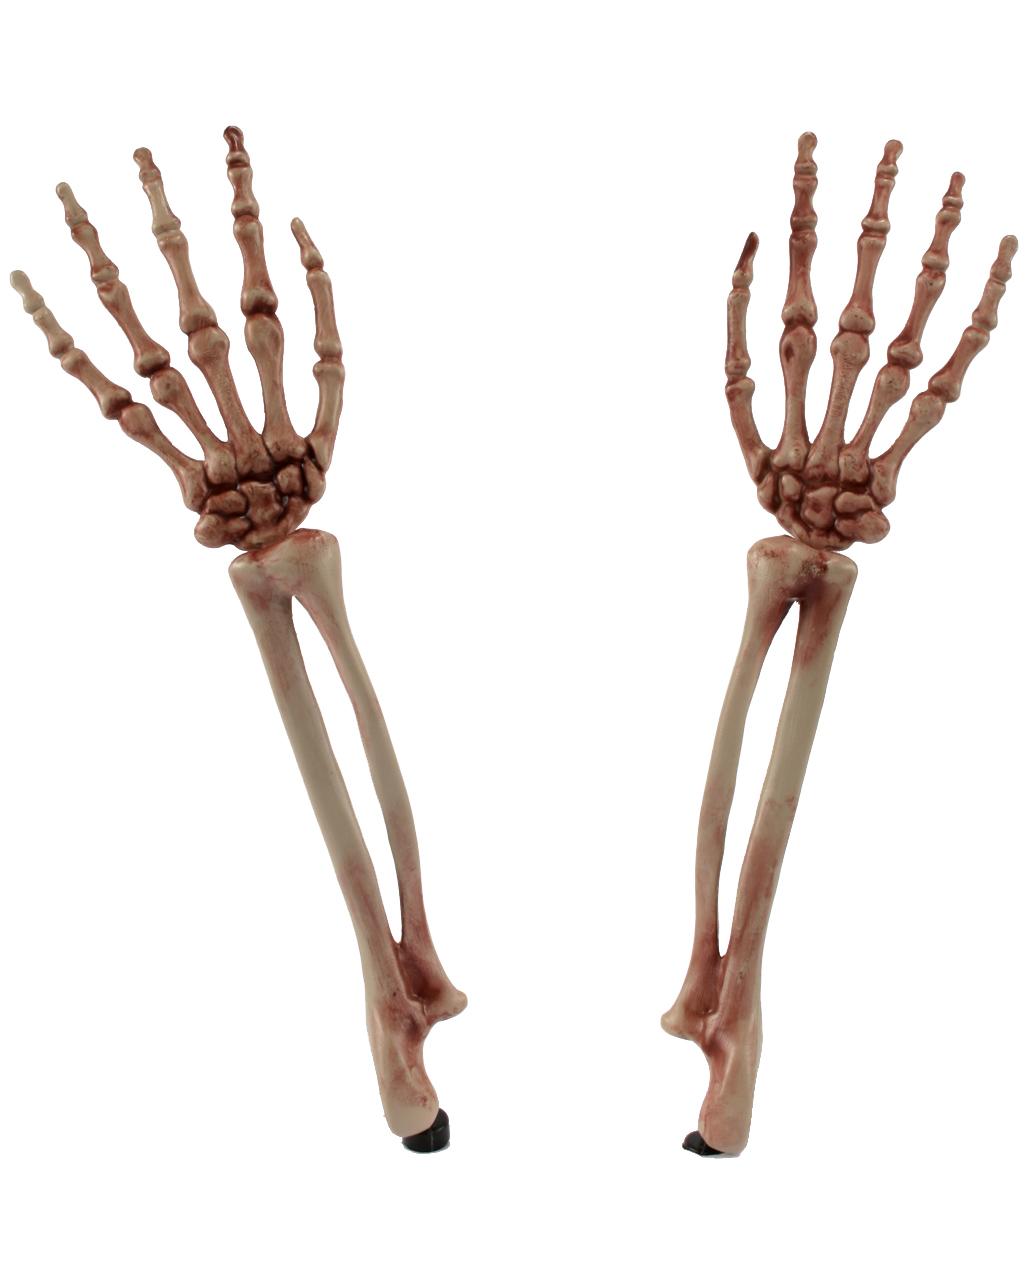 skeleton free garden plug as halloween decoration horror. Black Bedroom Furniture Sets. Home Design Ideas